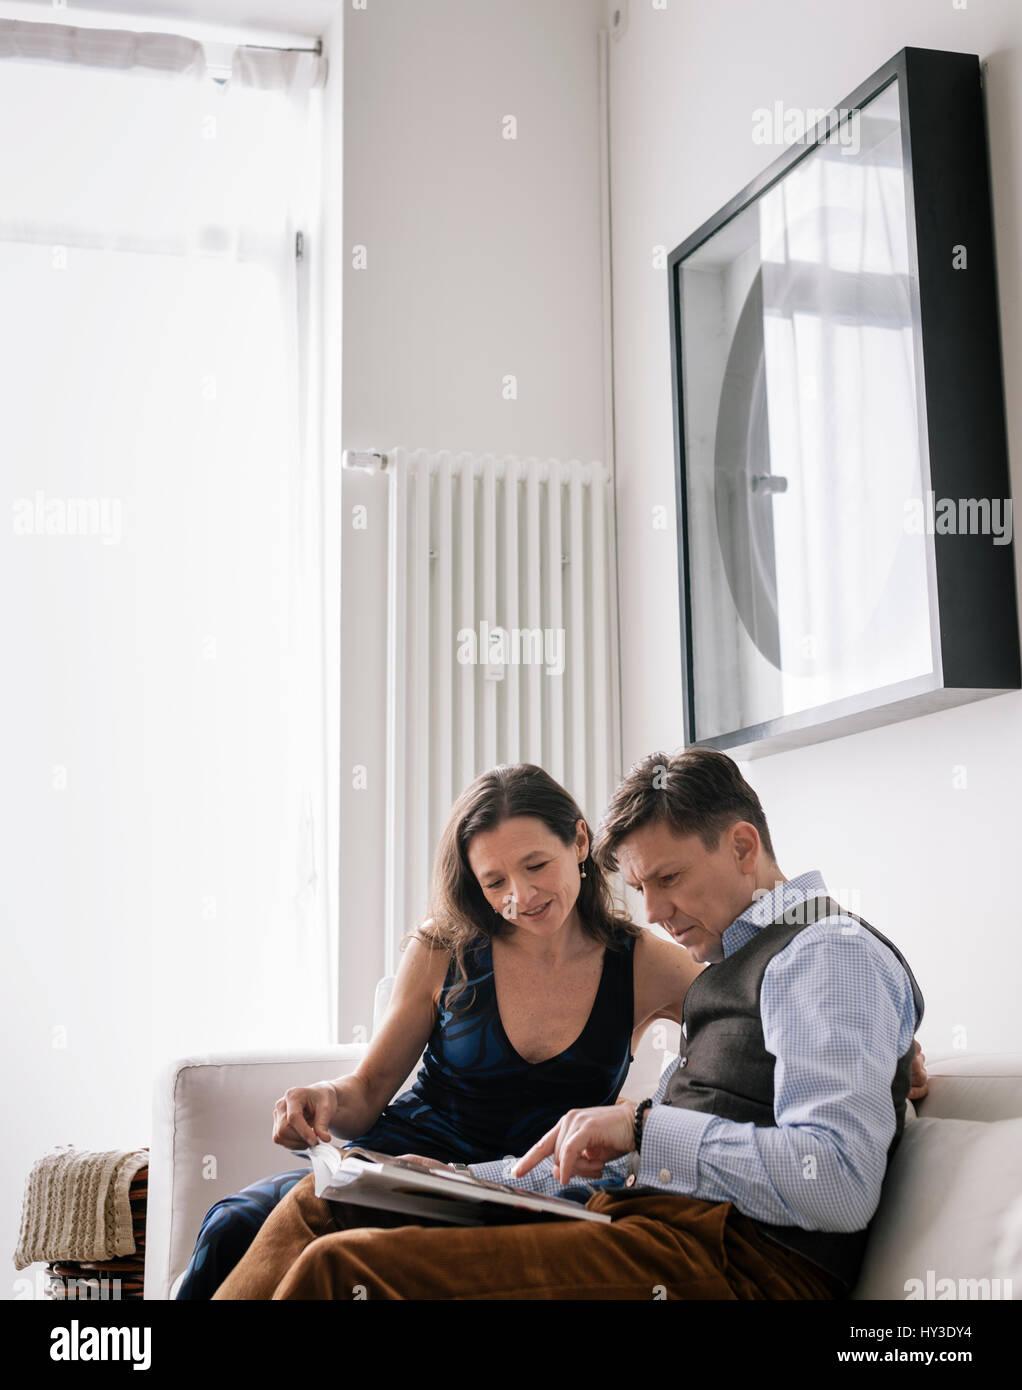 Deutschland, Paar sitzt auf dem Sofa ein Buch lesen Stockbild